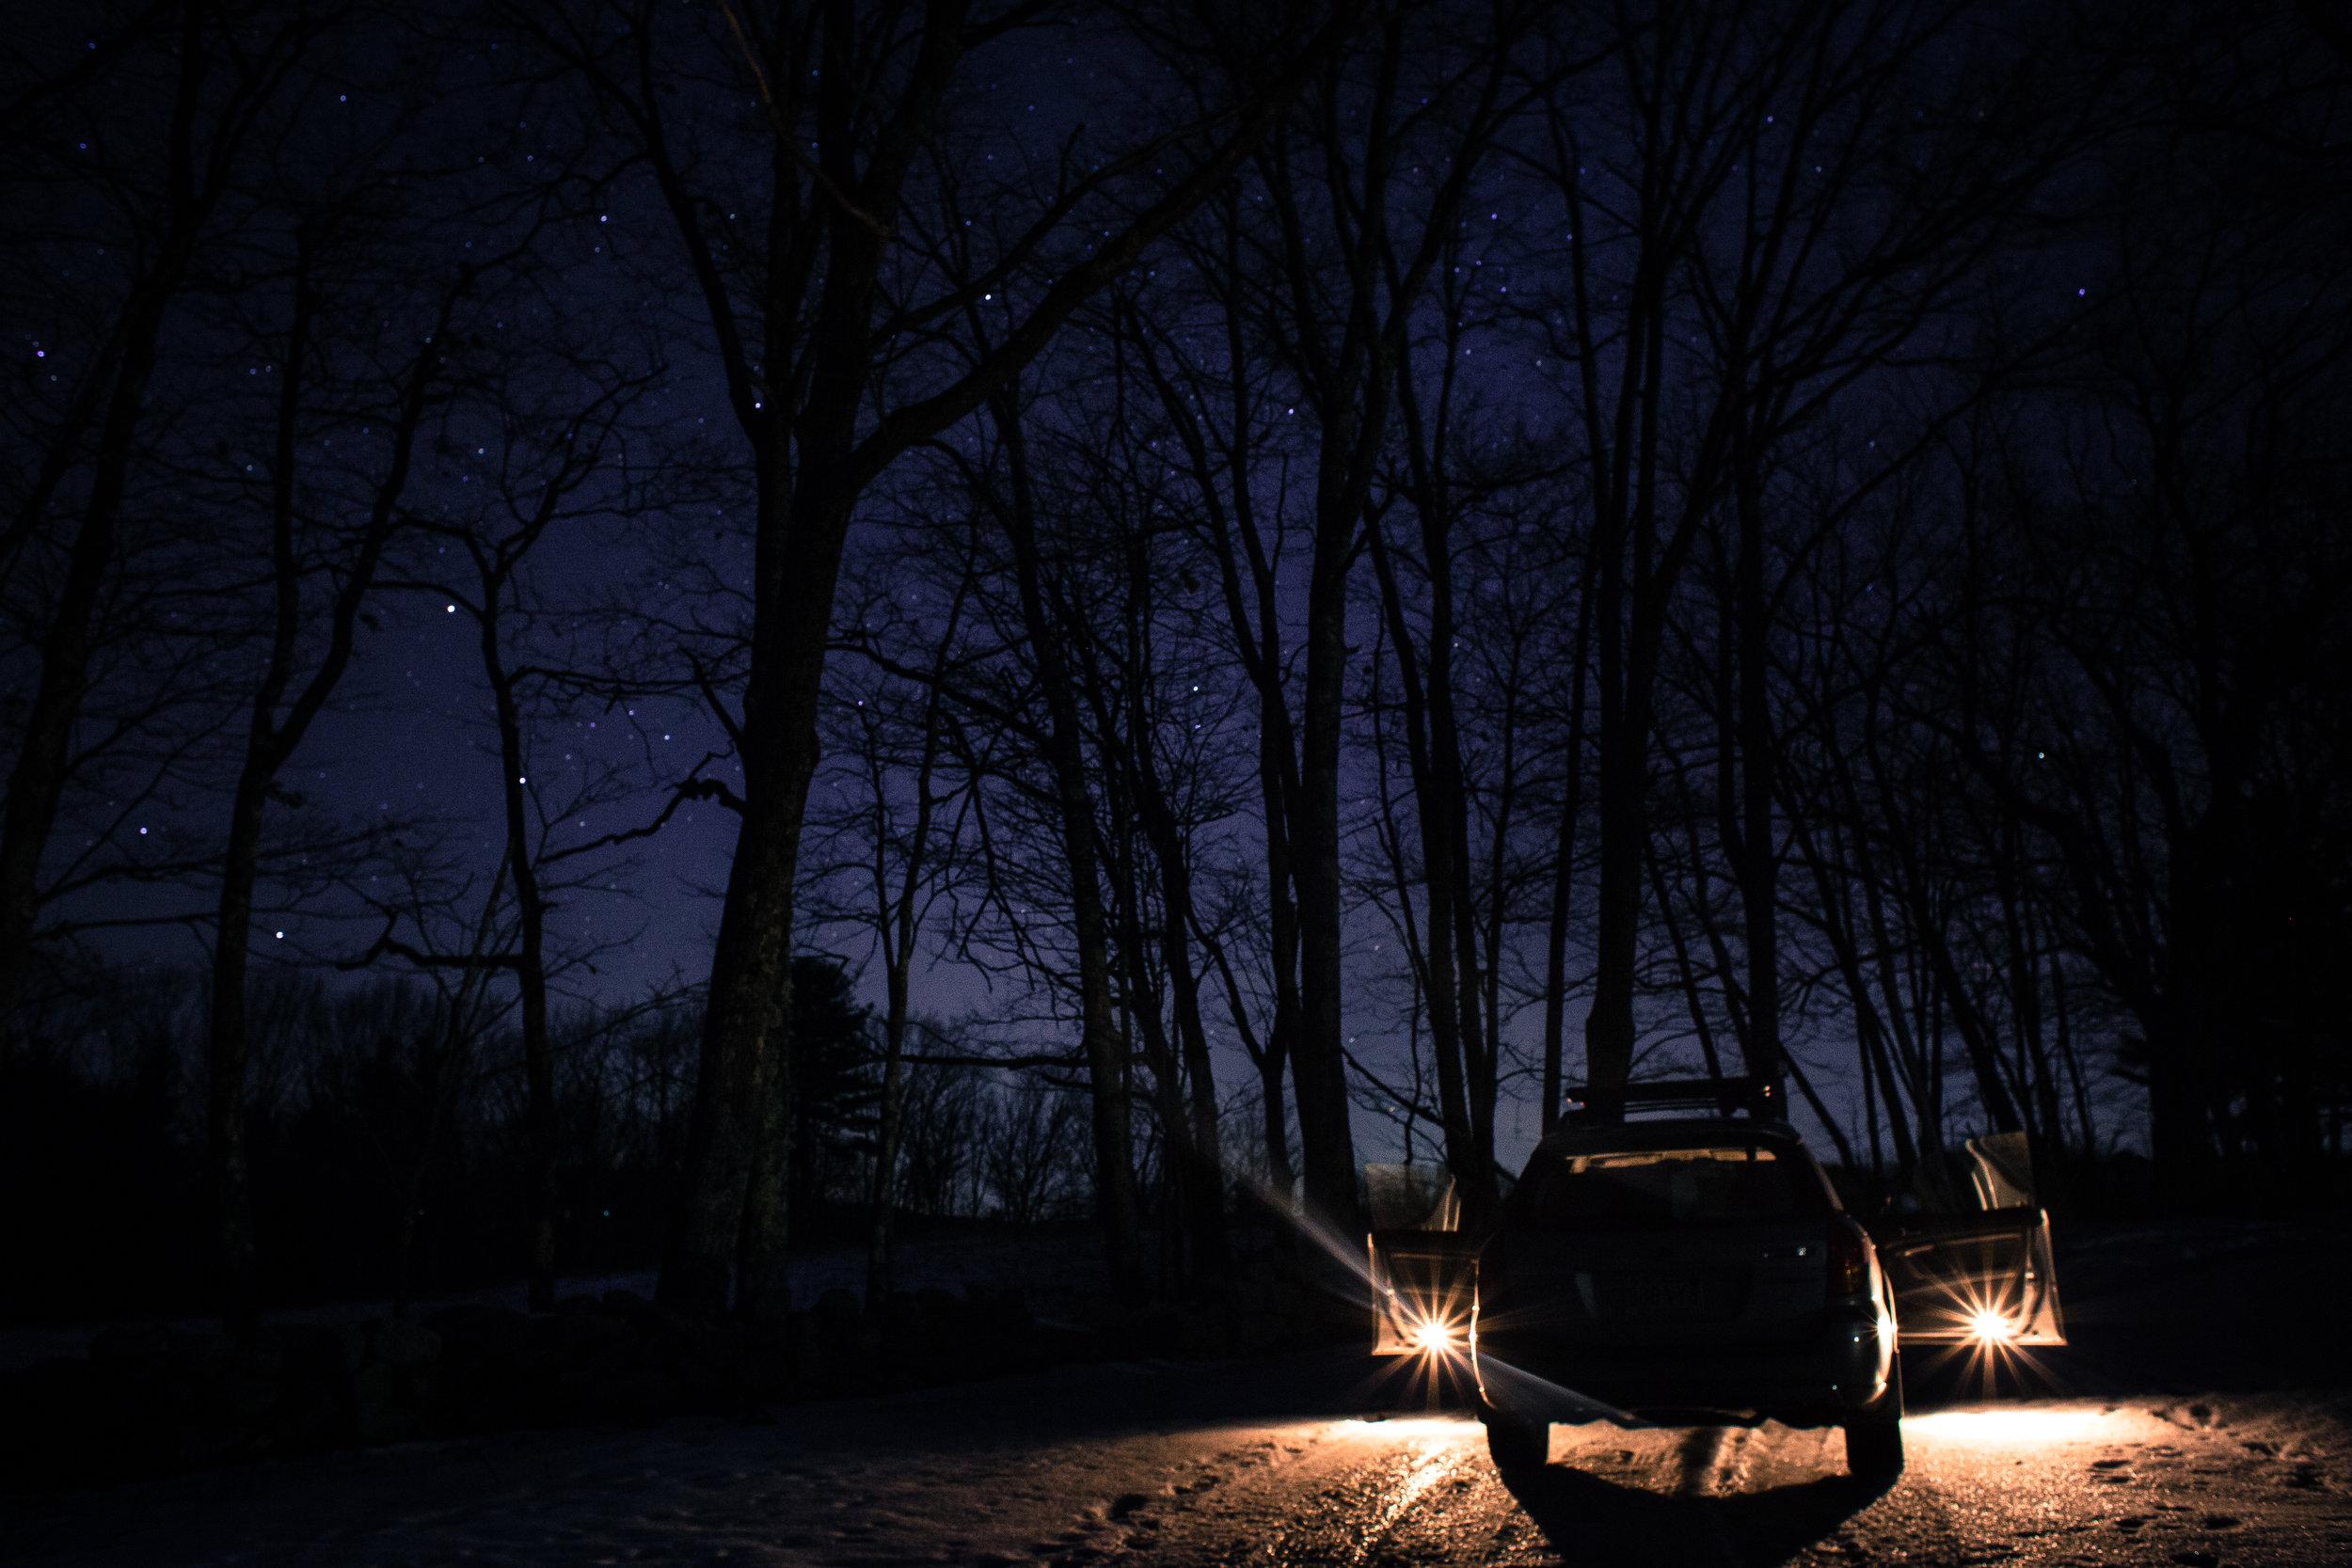 Subaru in the Night